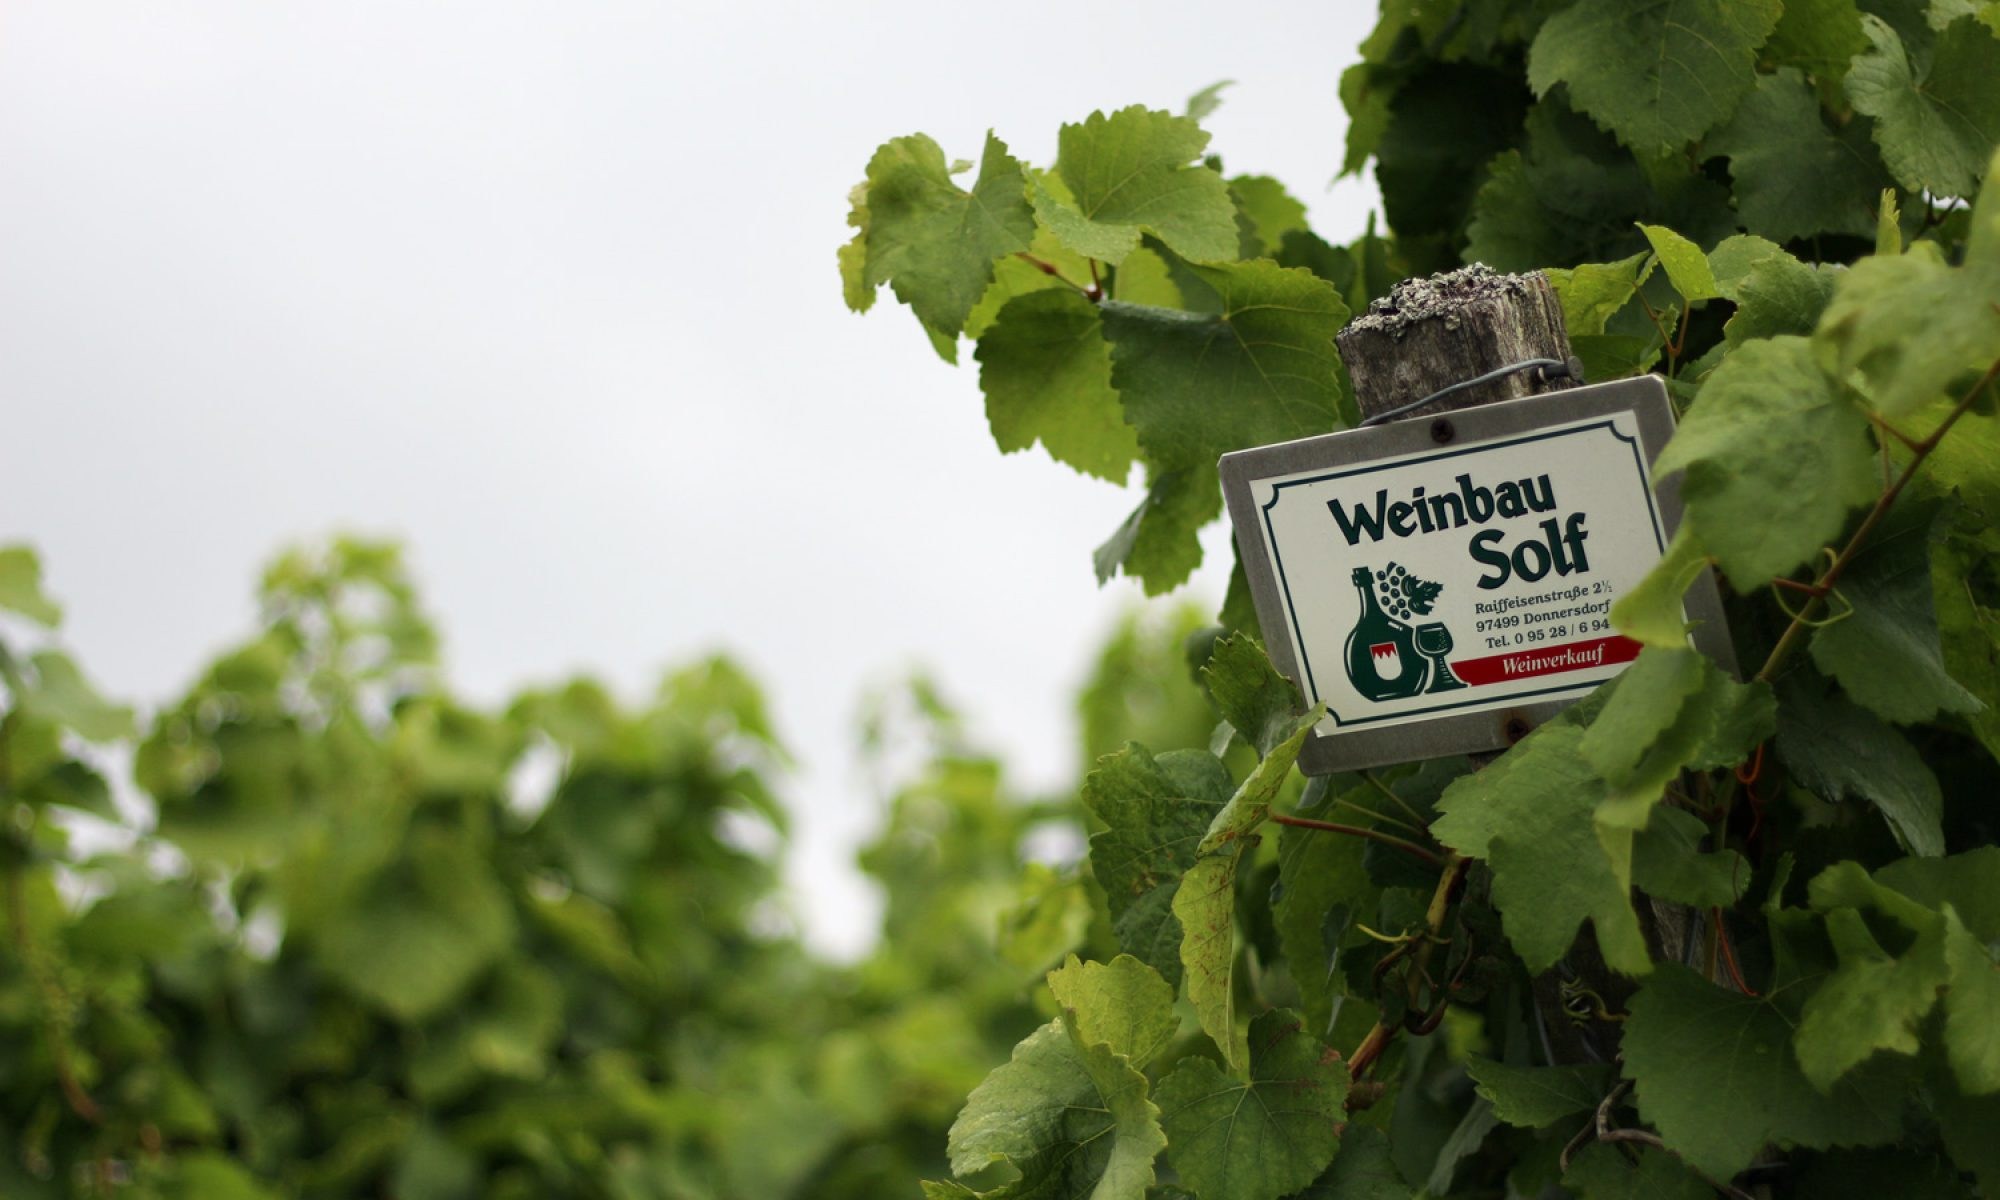 Weinbau Solf